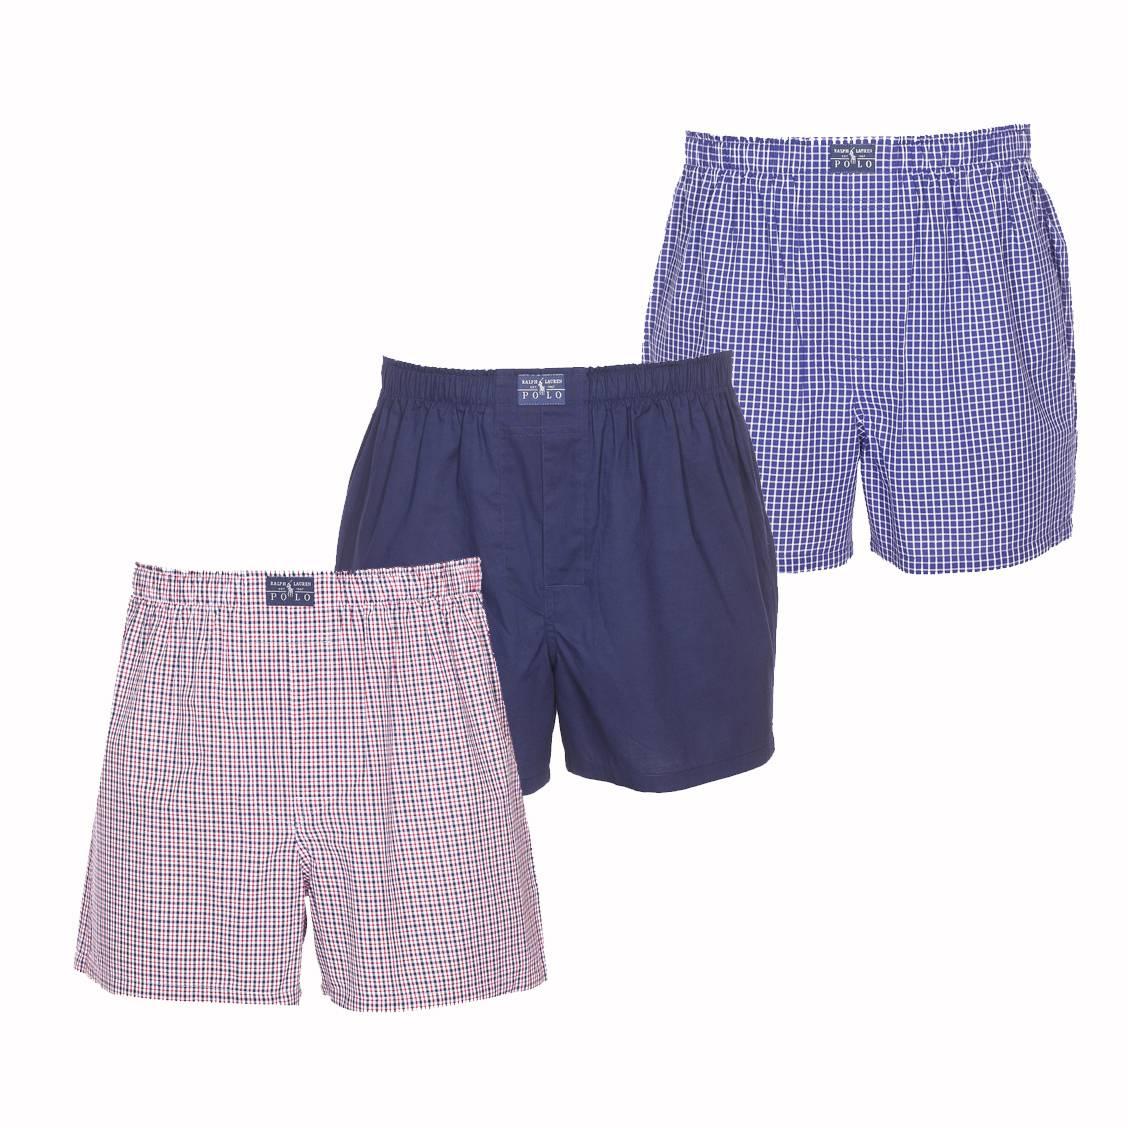 Lot de 3 caleçons coupe standard  en coton bleu marine, bleu roi à carreaux blanc et blanc à carreaux rouges et bleu marine